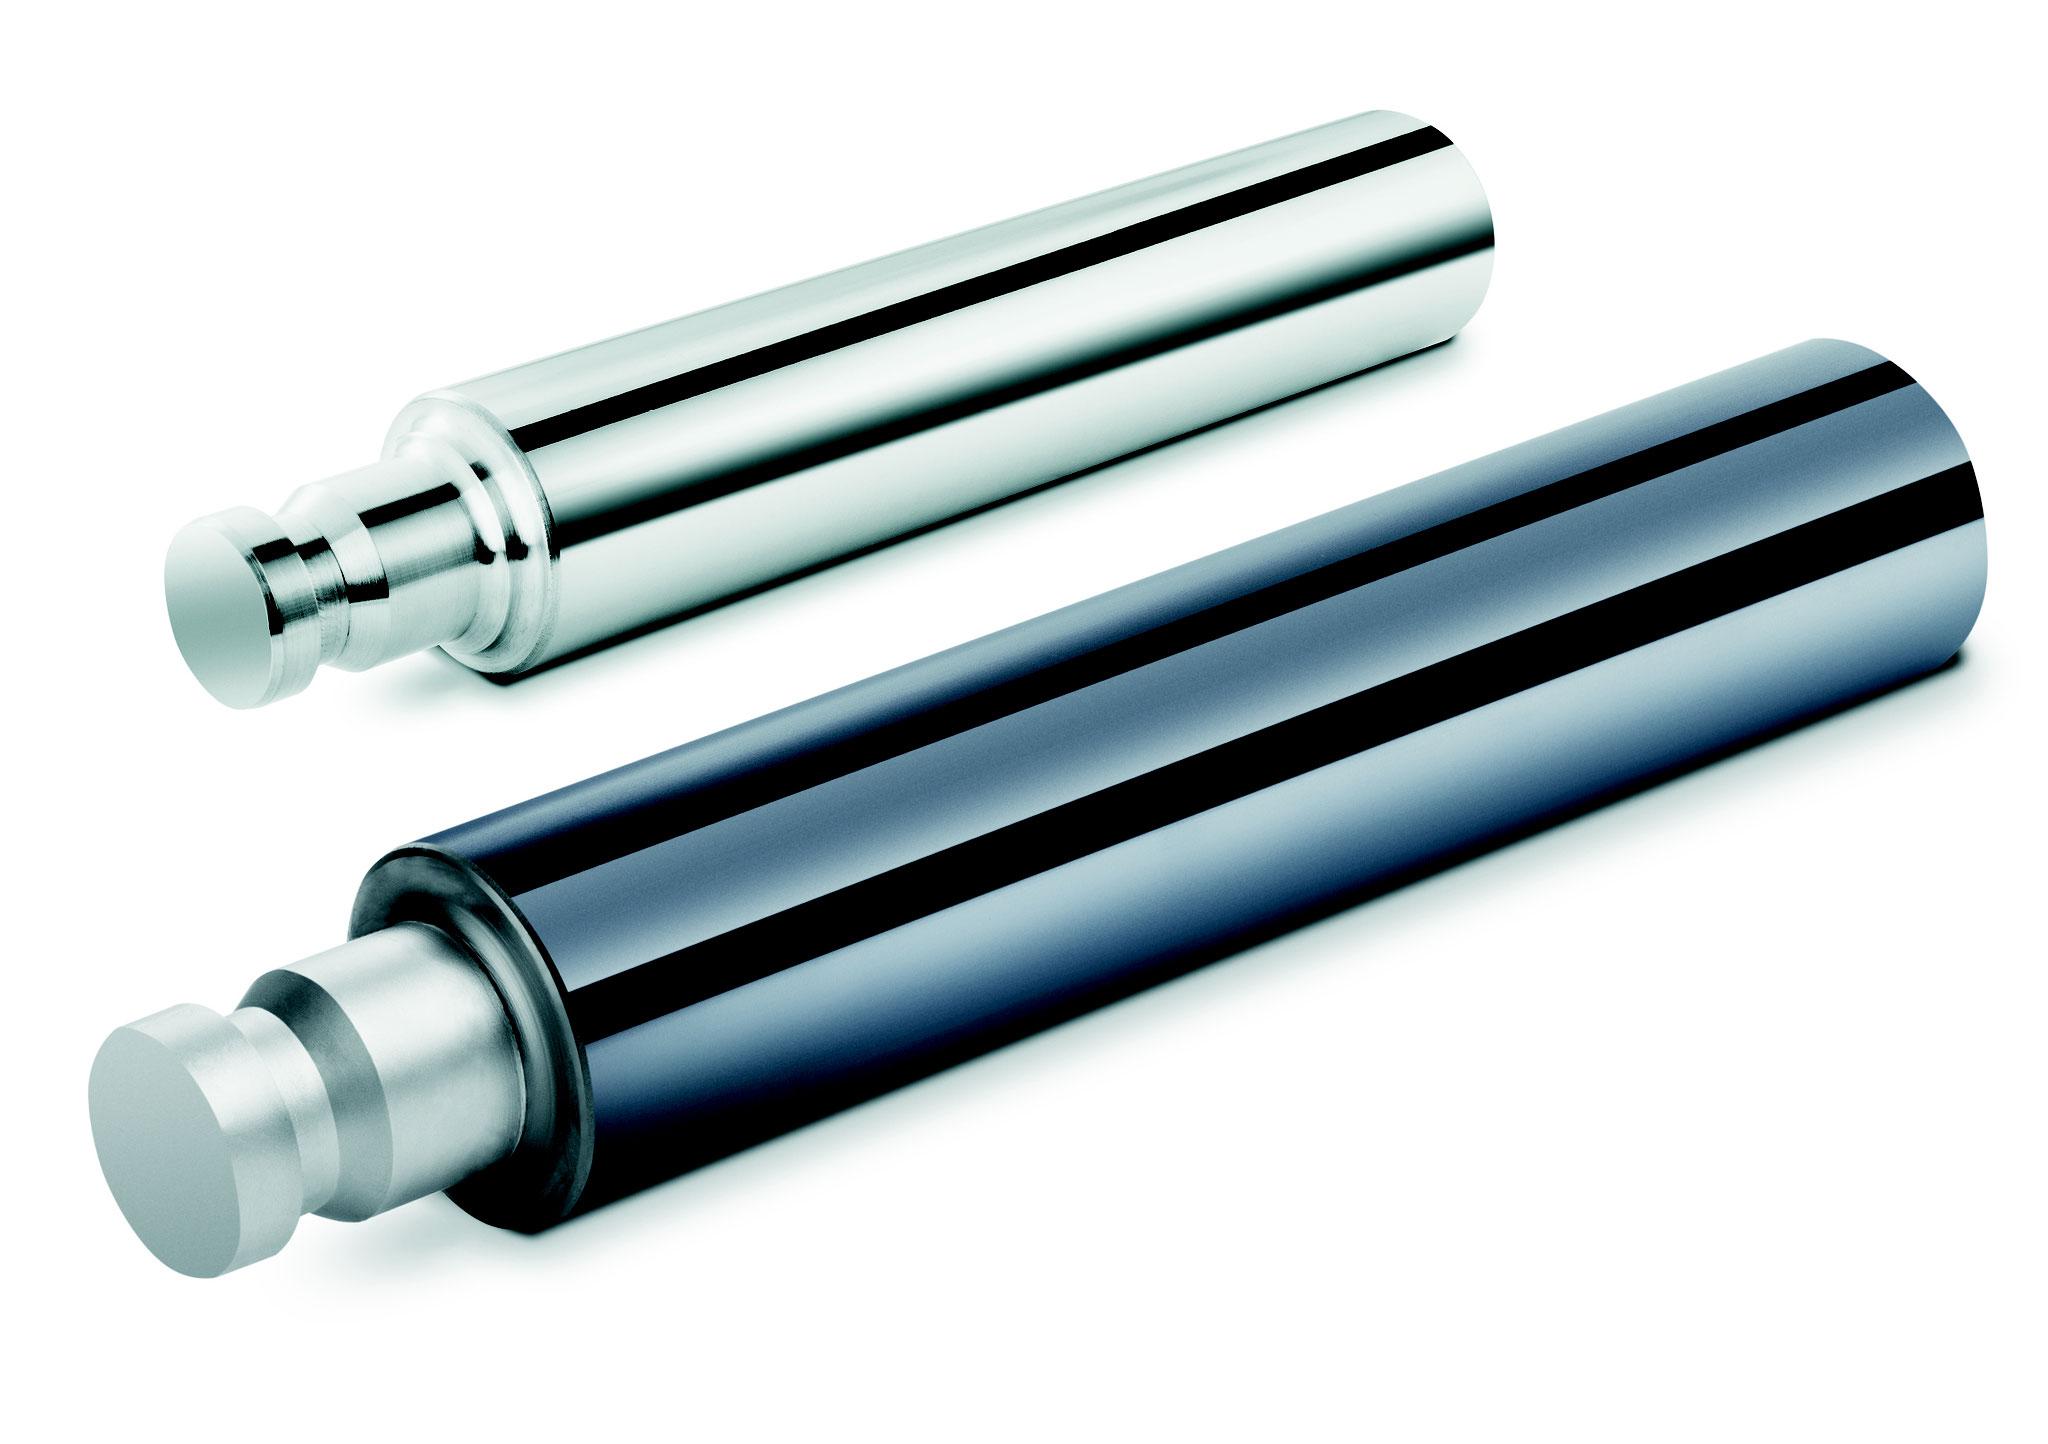 Plunger mit Bimetallic und CRC-Max Beschichtung